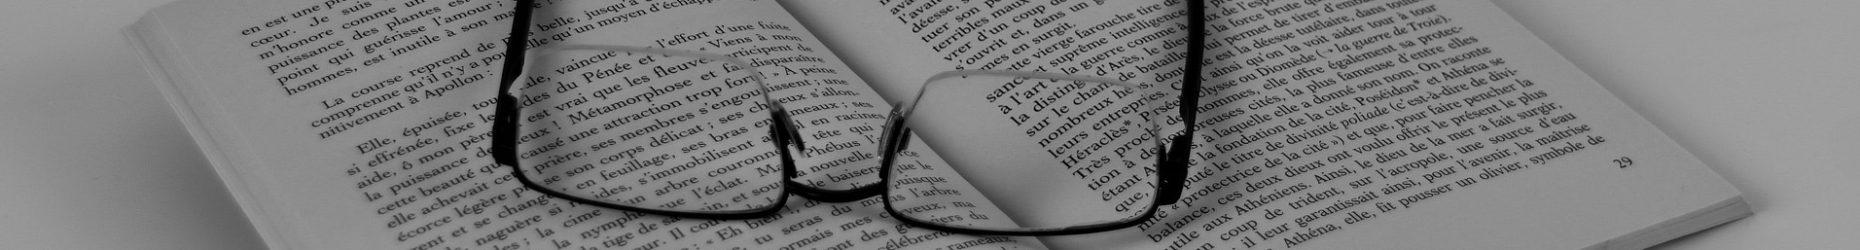 lire français la french frog